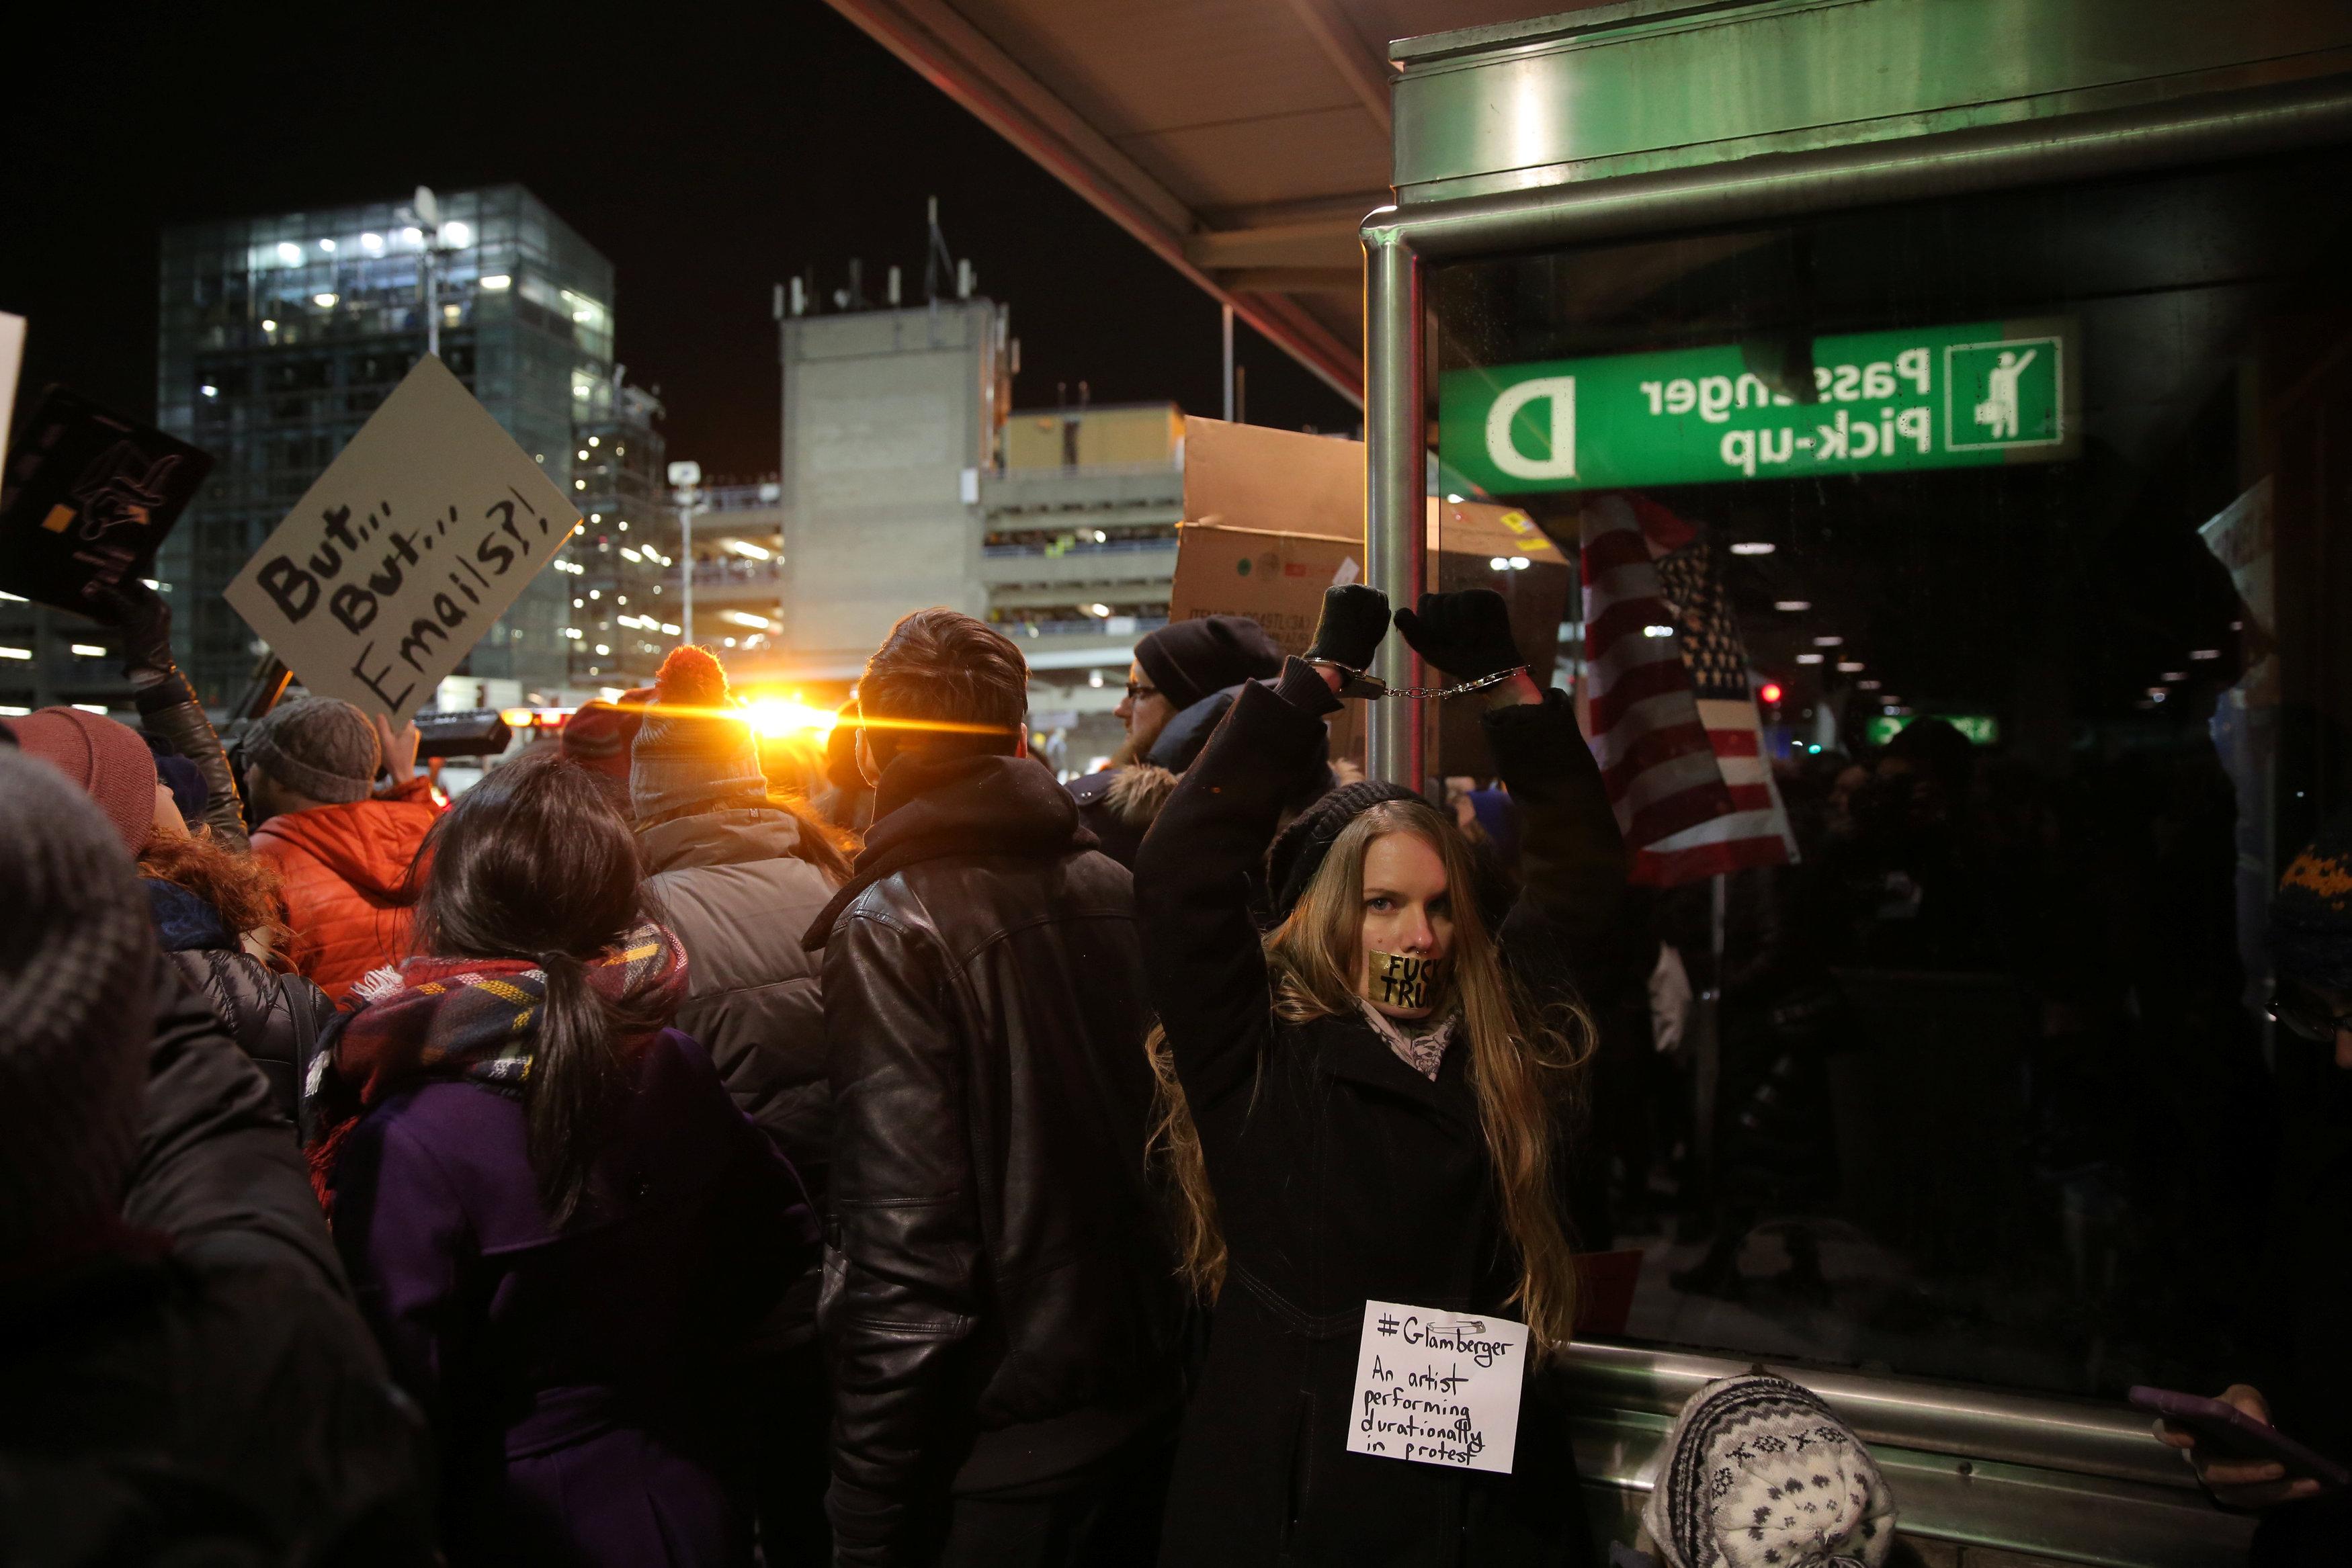 فوضى وتظاهرات فى عدة مطارات أمريكية بسبب قرار اللاجئين